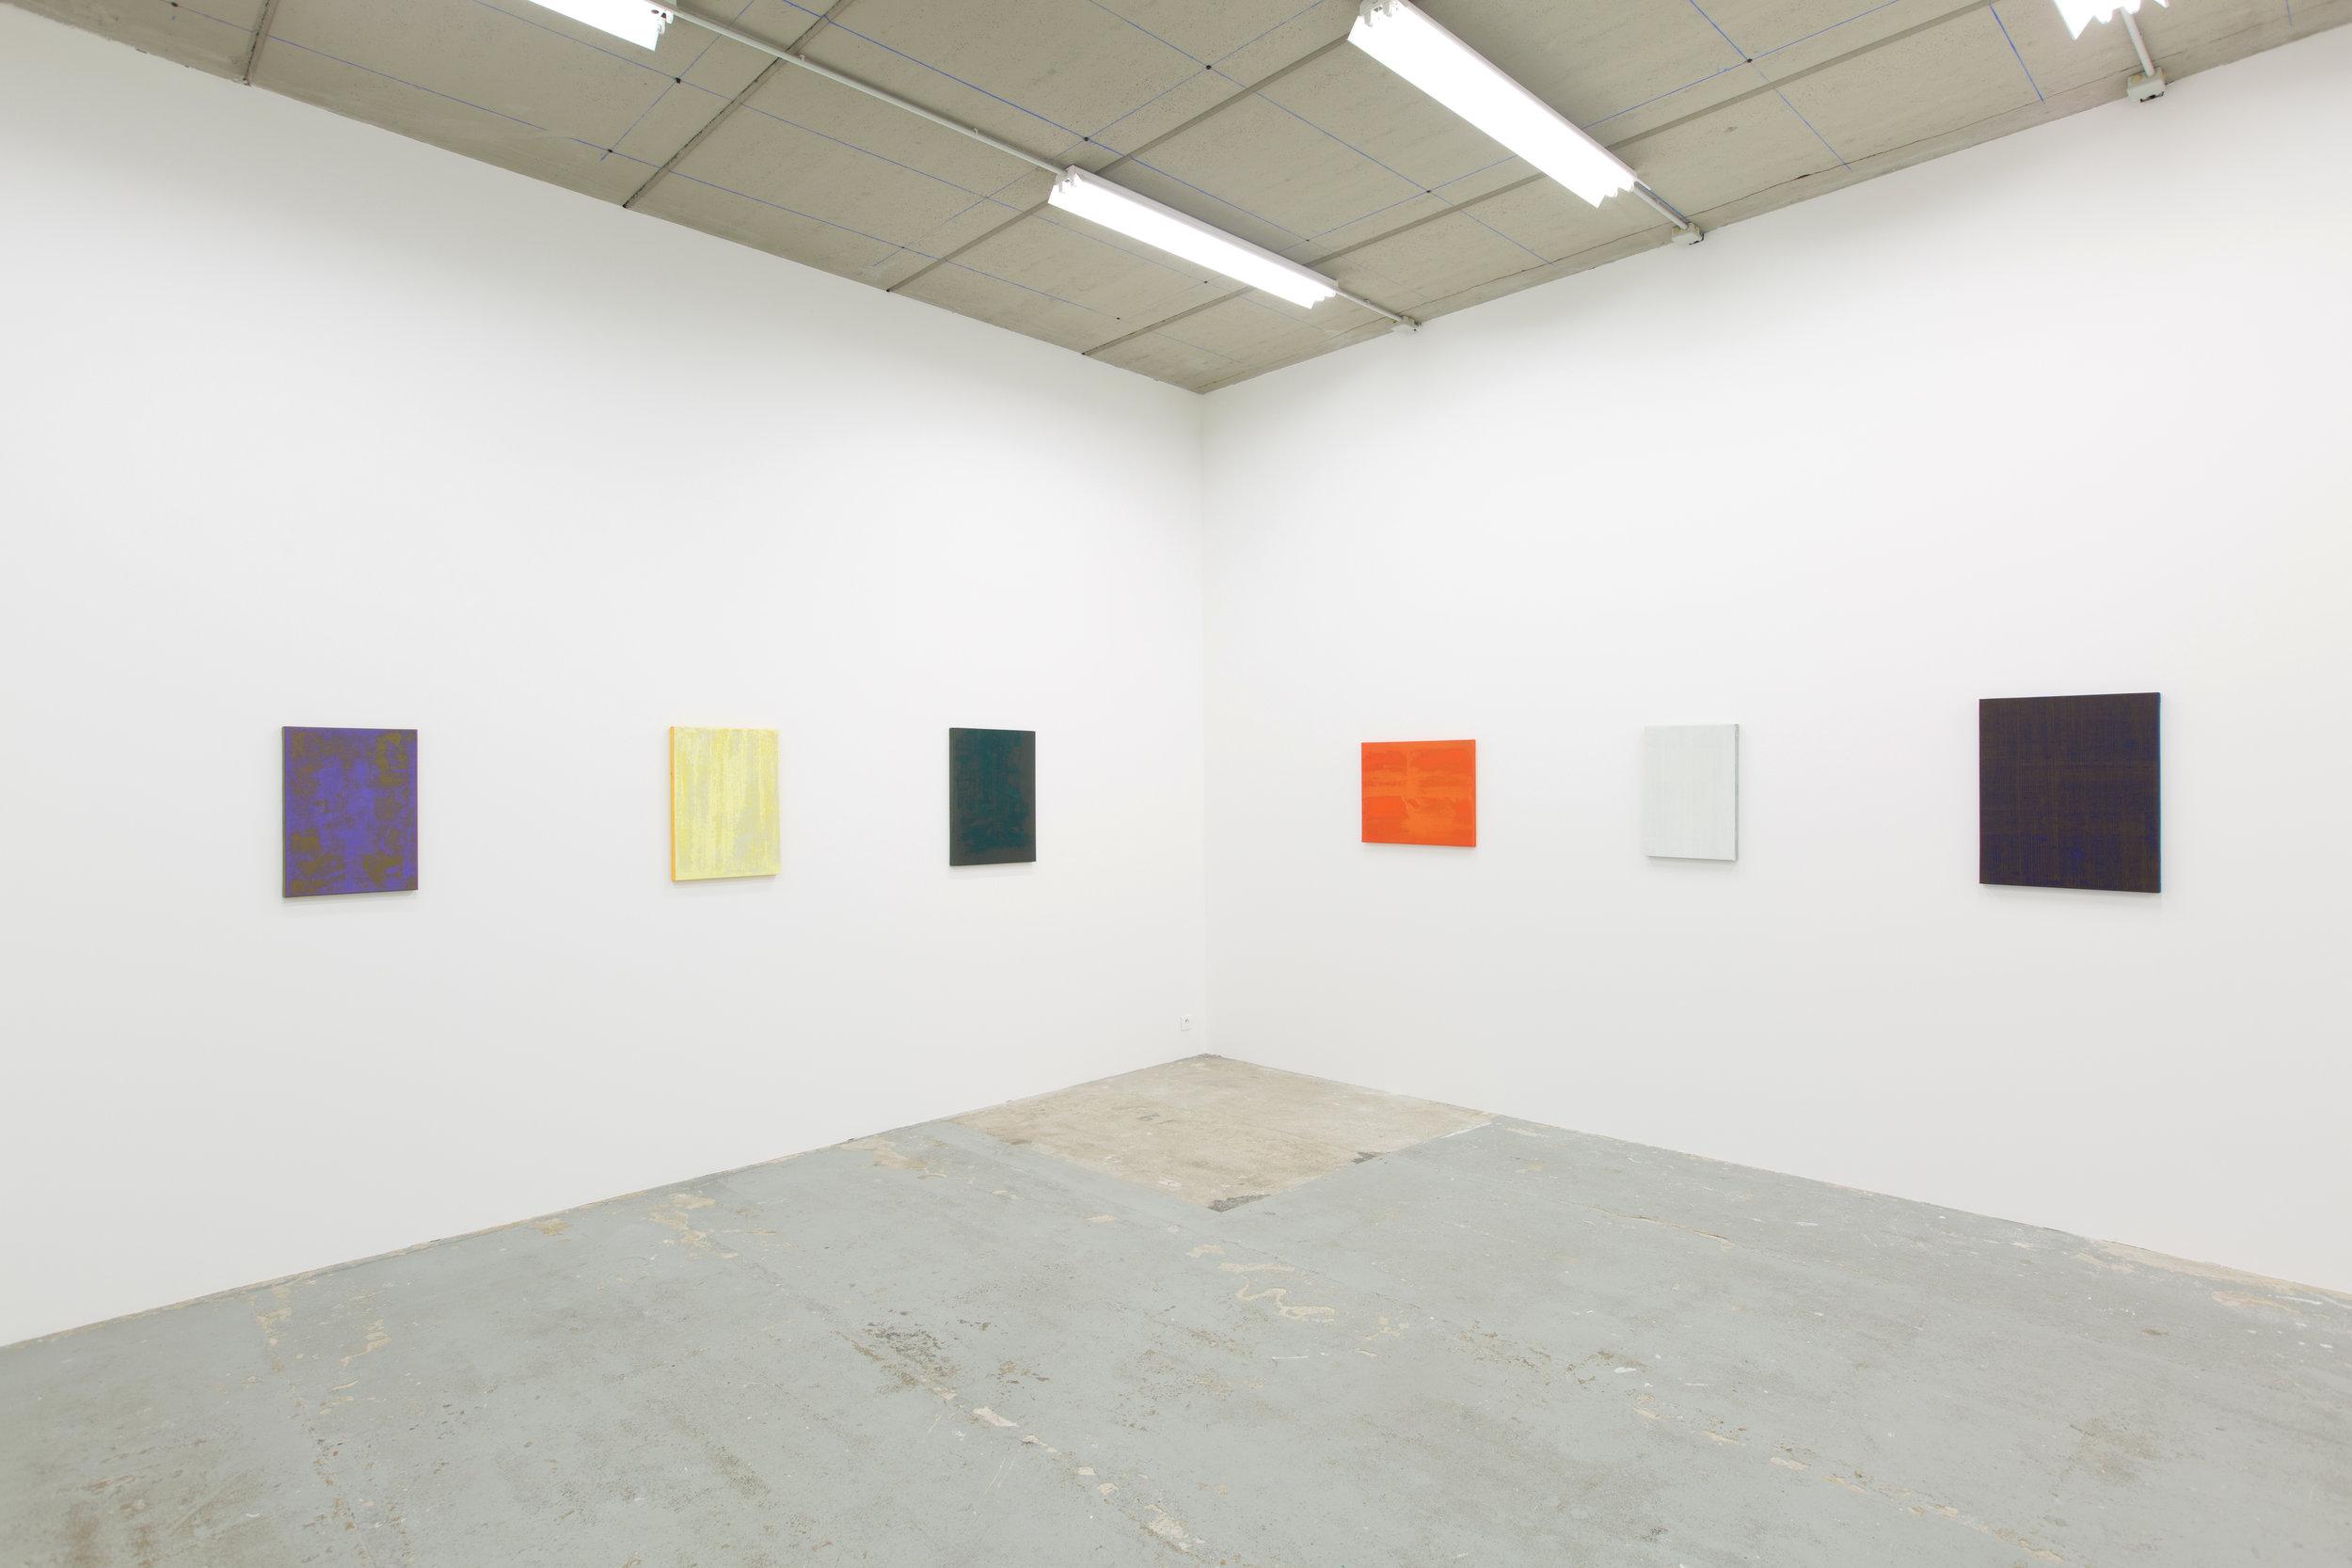 Galerie Laurent Godin